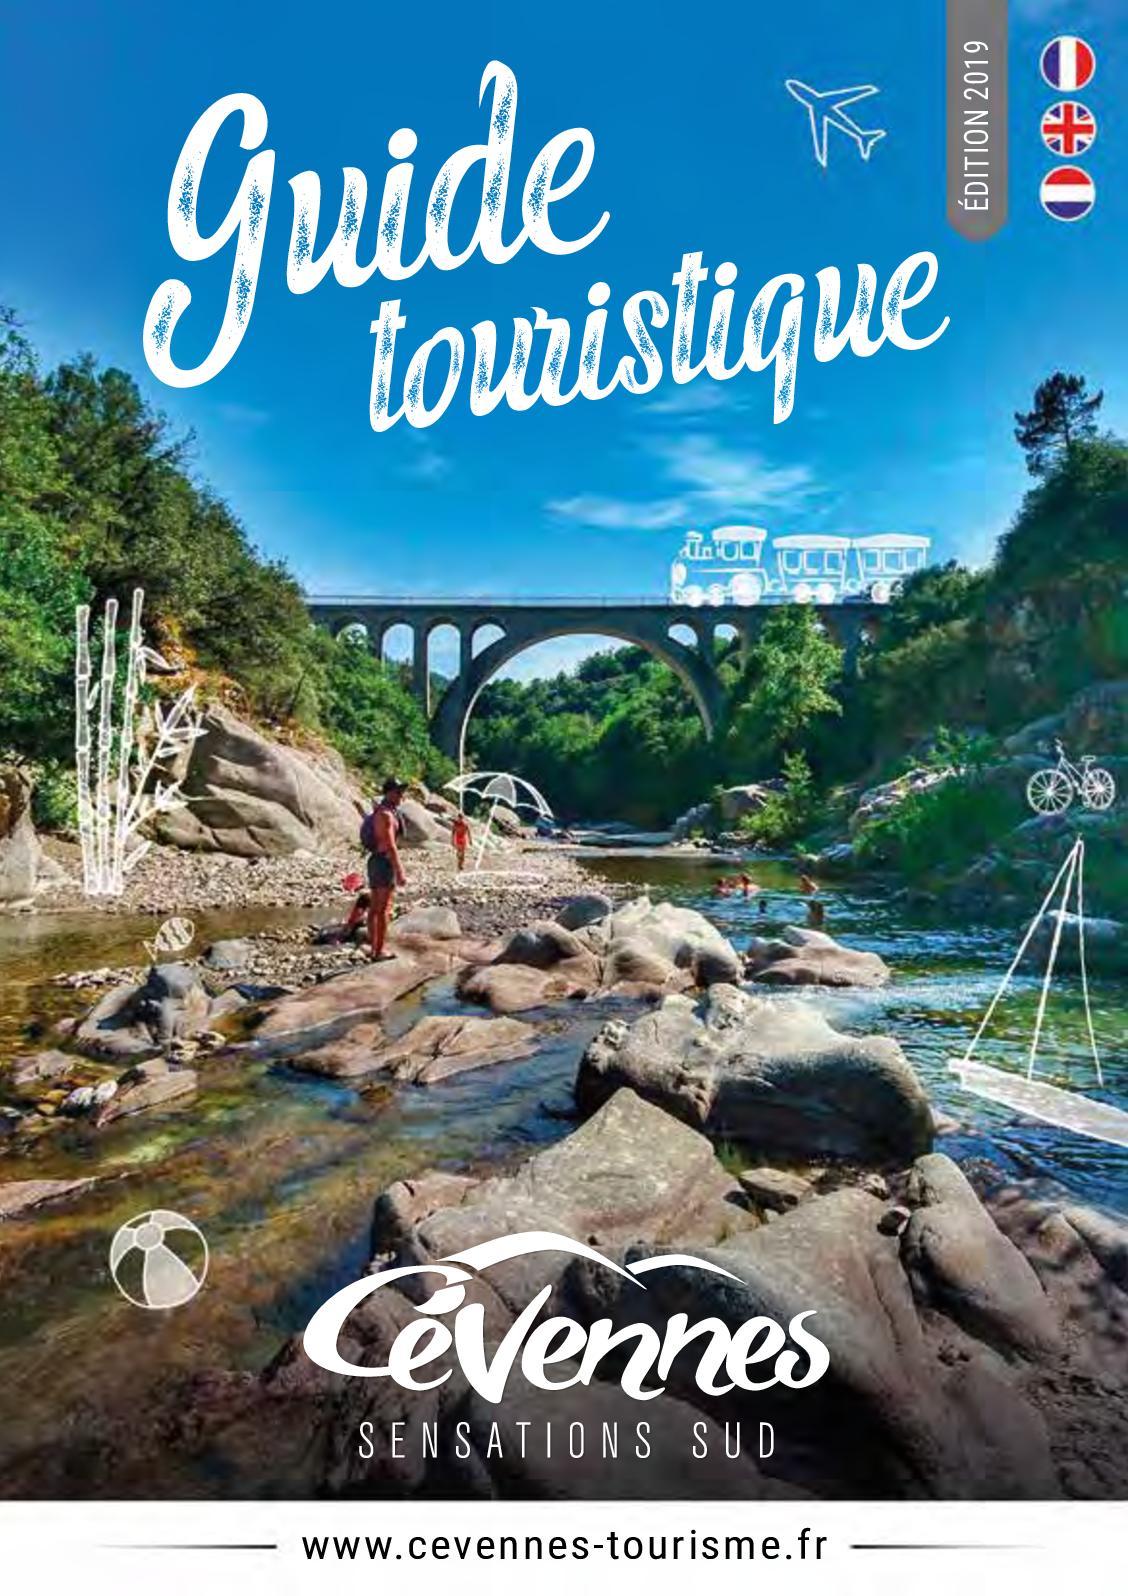 Salon De Jardin Tressé Noir Best Of Calaméo Guide touristique Cévennes tourisme 2019 Of 34 Inspirant Salon De Jardin Tressé Noir